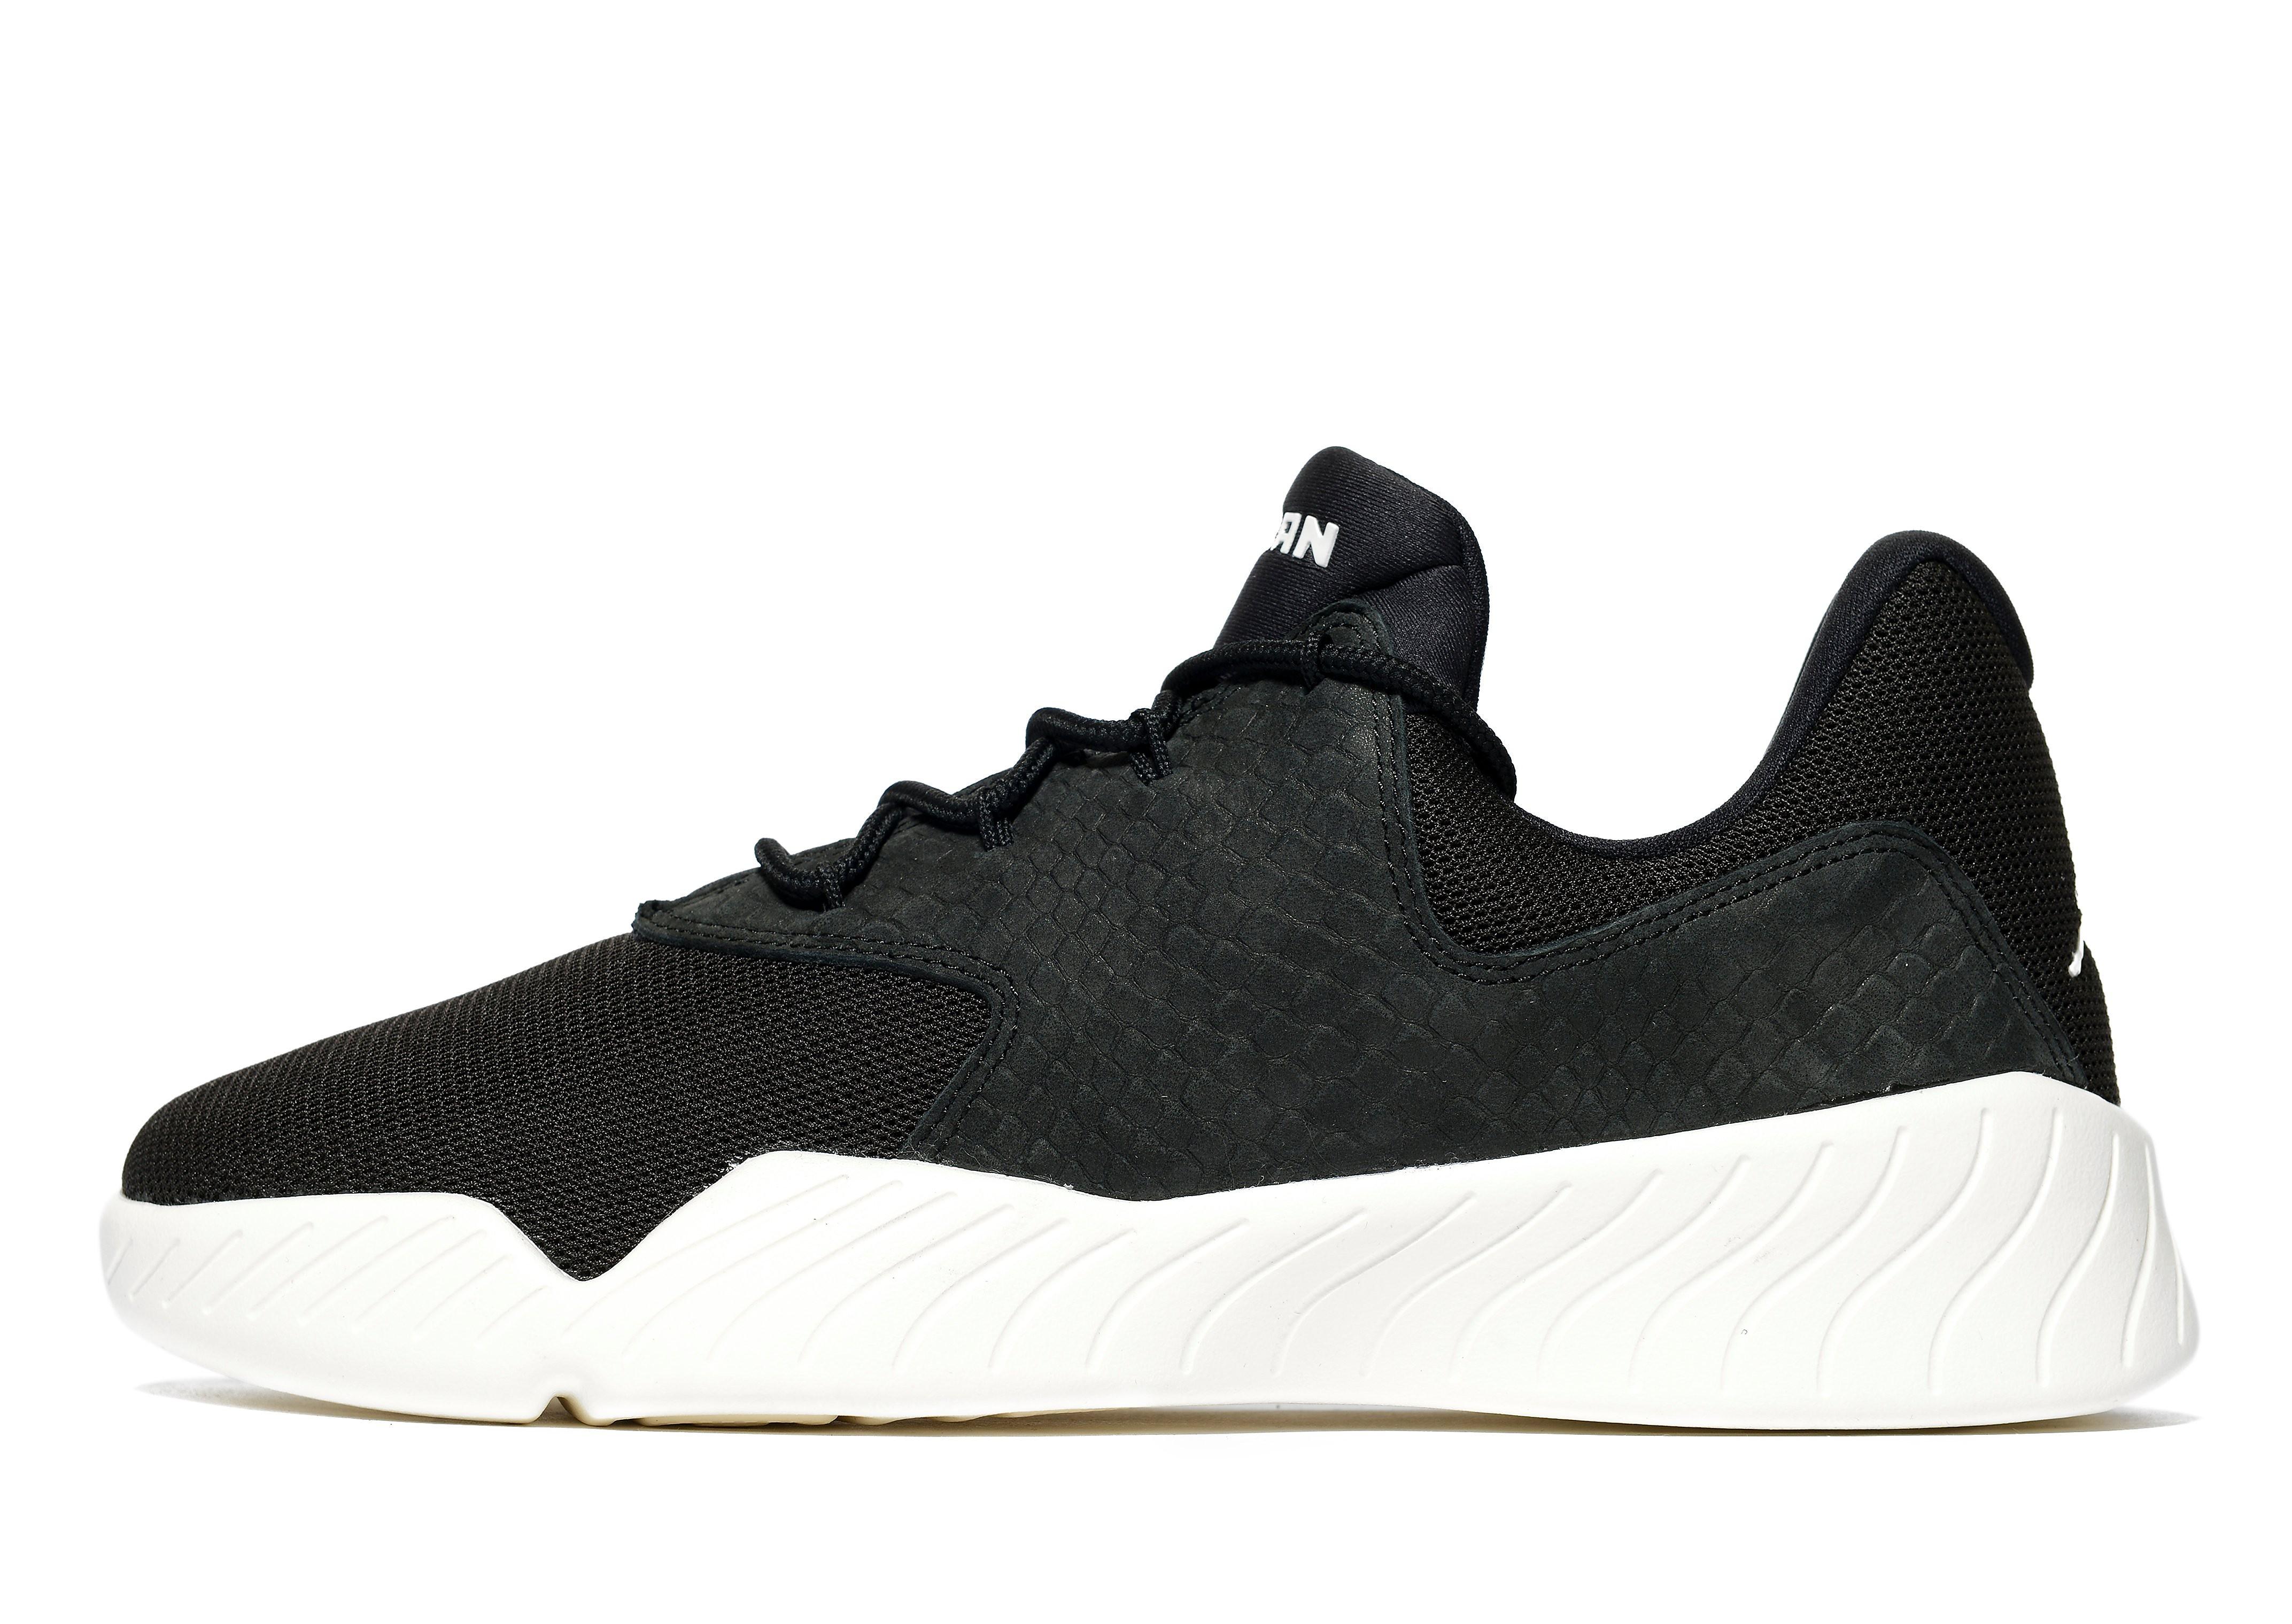 Nike Jordan 23 Low